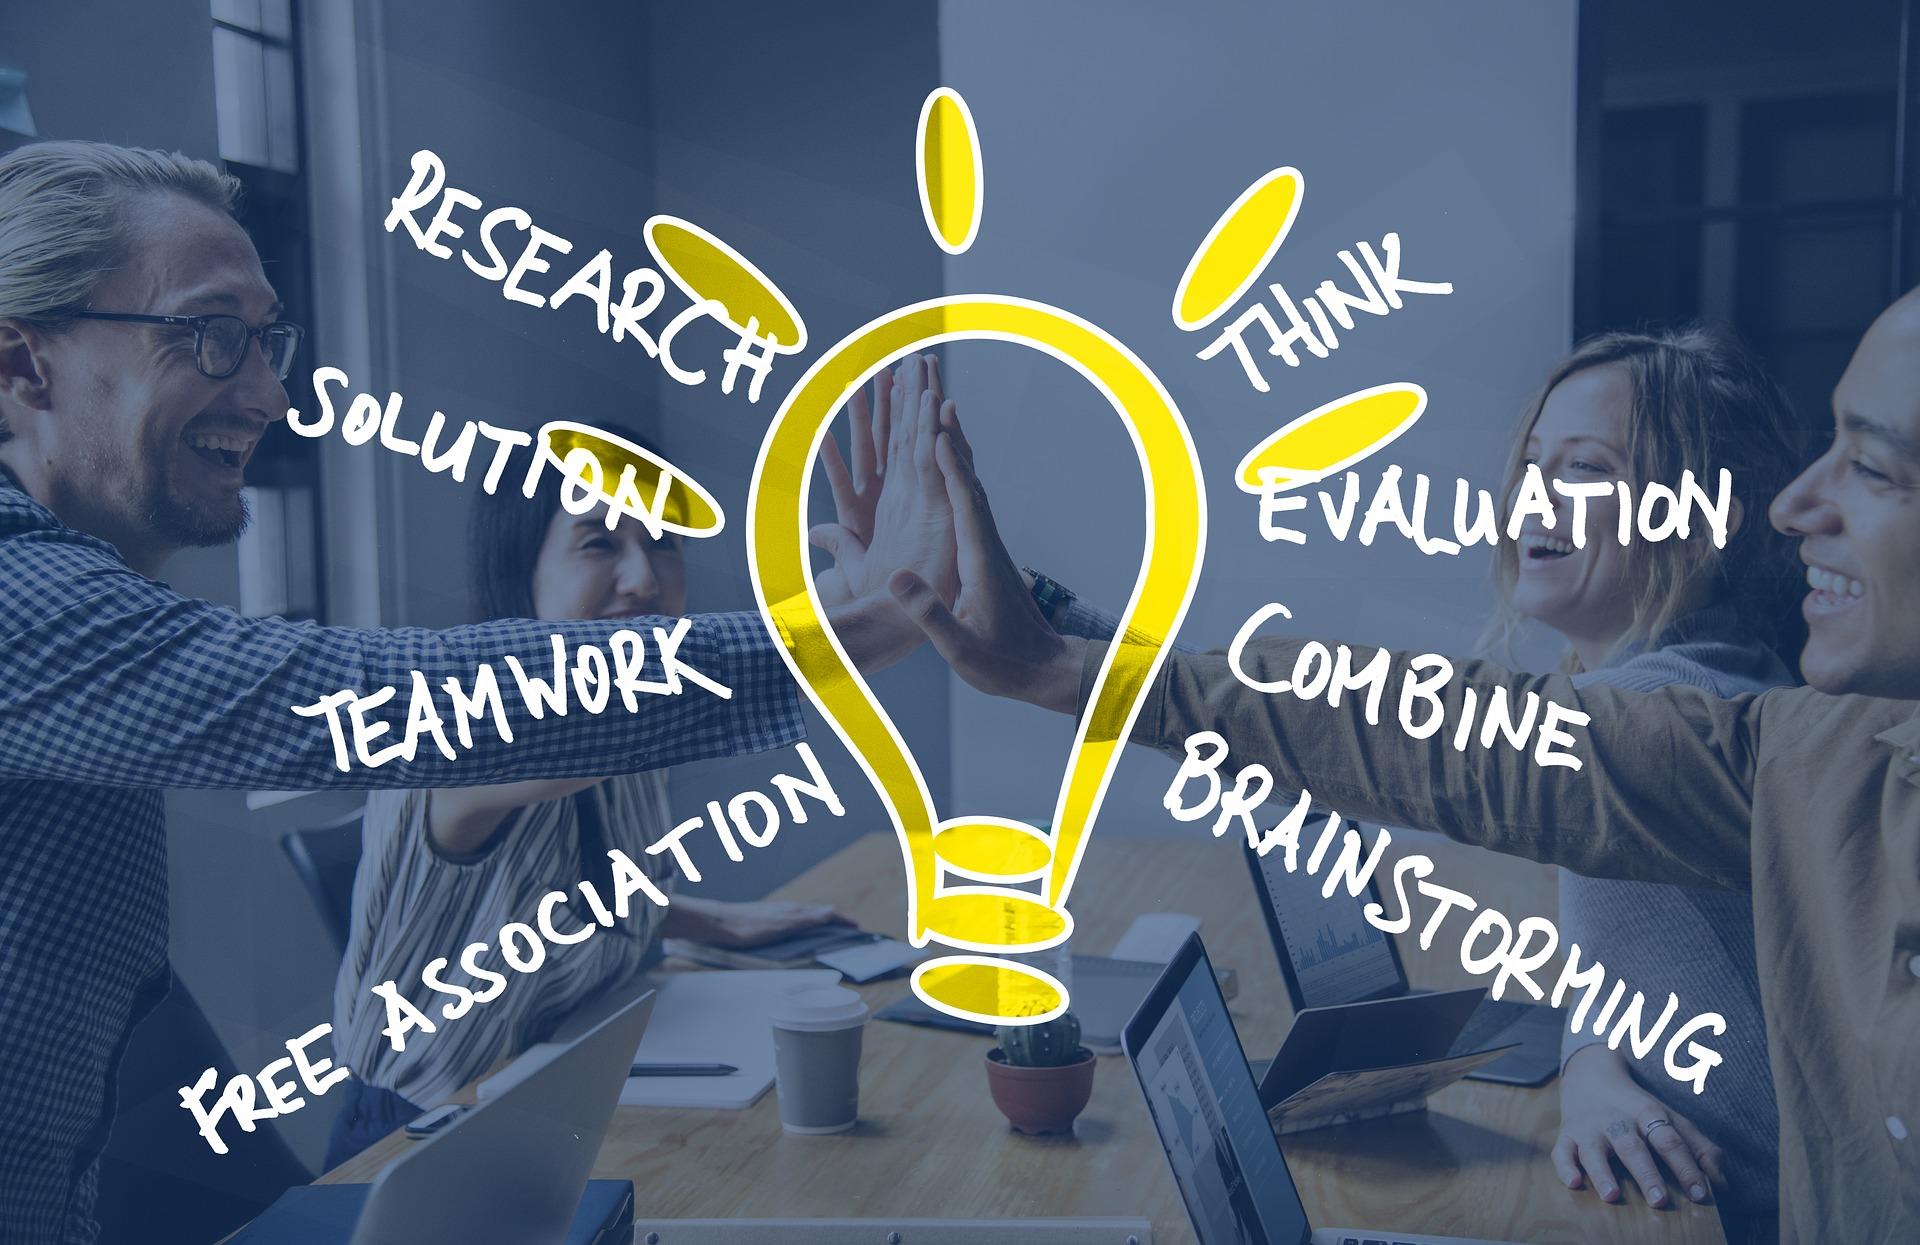 brainstorming-3664207_1920.jpg